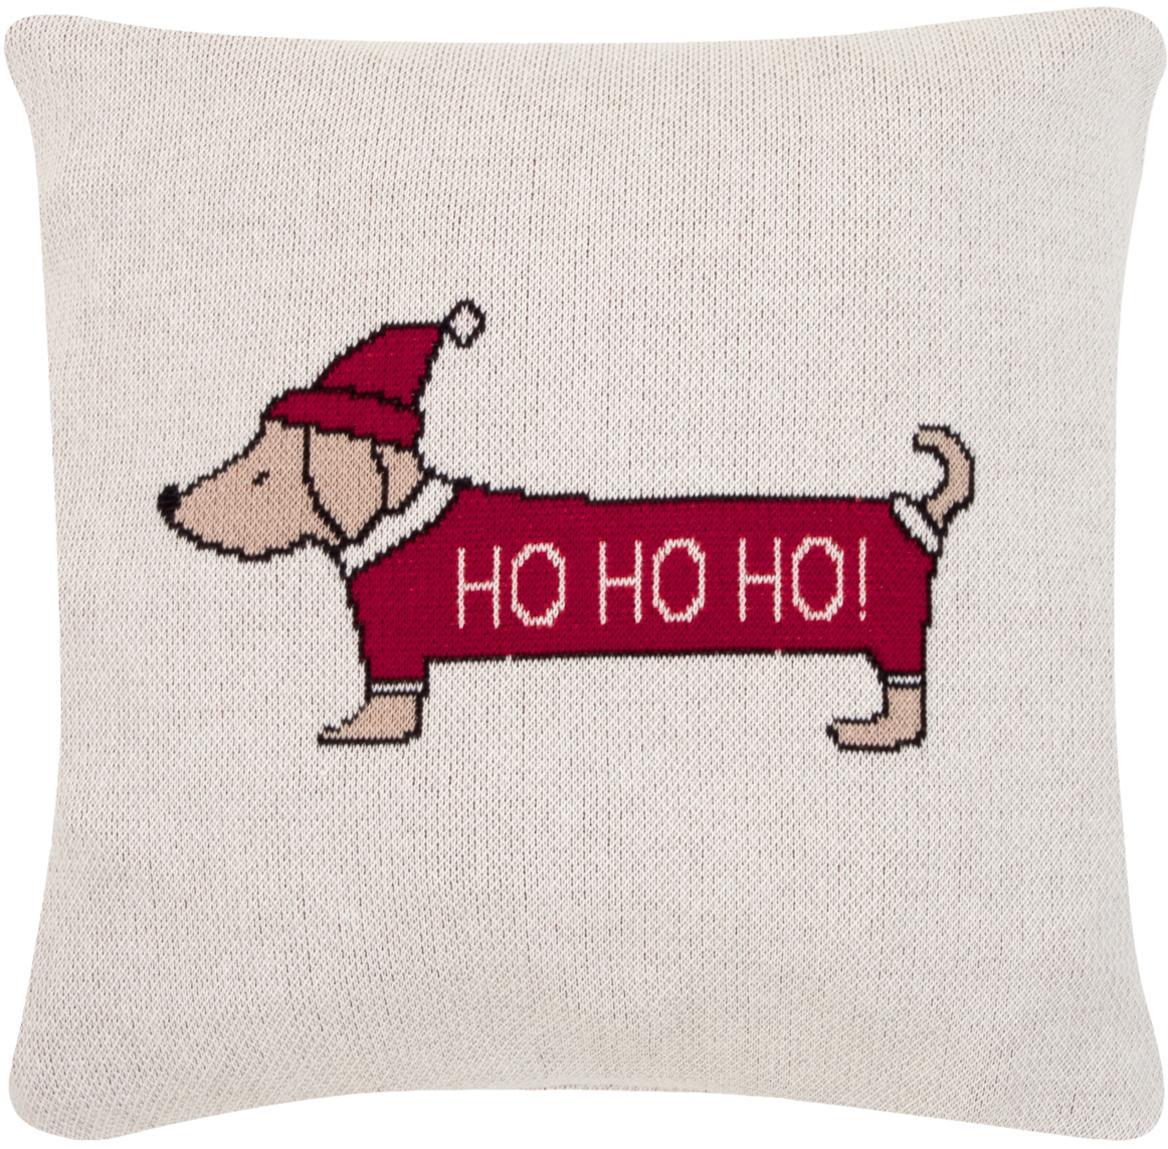 Kissenhülle Santas Little Helper mit weihnachtlichem Motiv, Baumwolle, Mehrfarbig, 40 x 40 cm